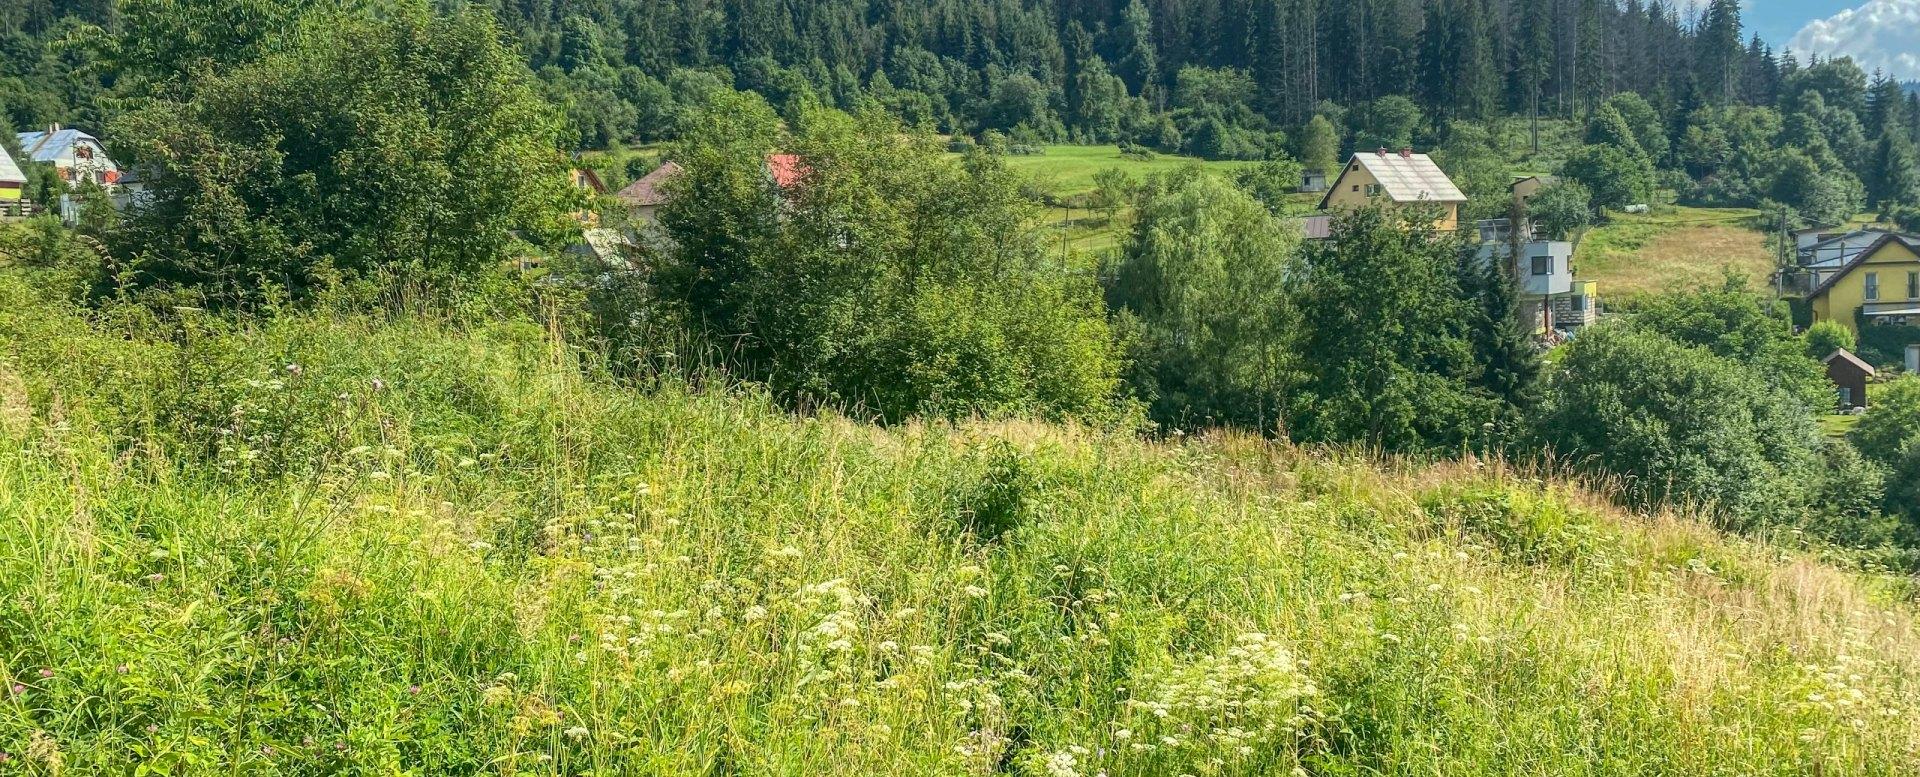 Pohľad na prírodu v okolí stavebného pozemku